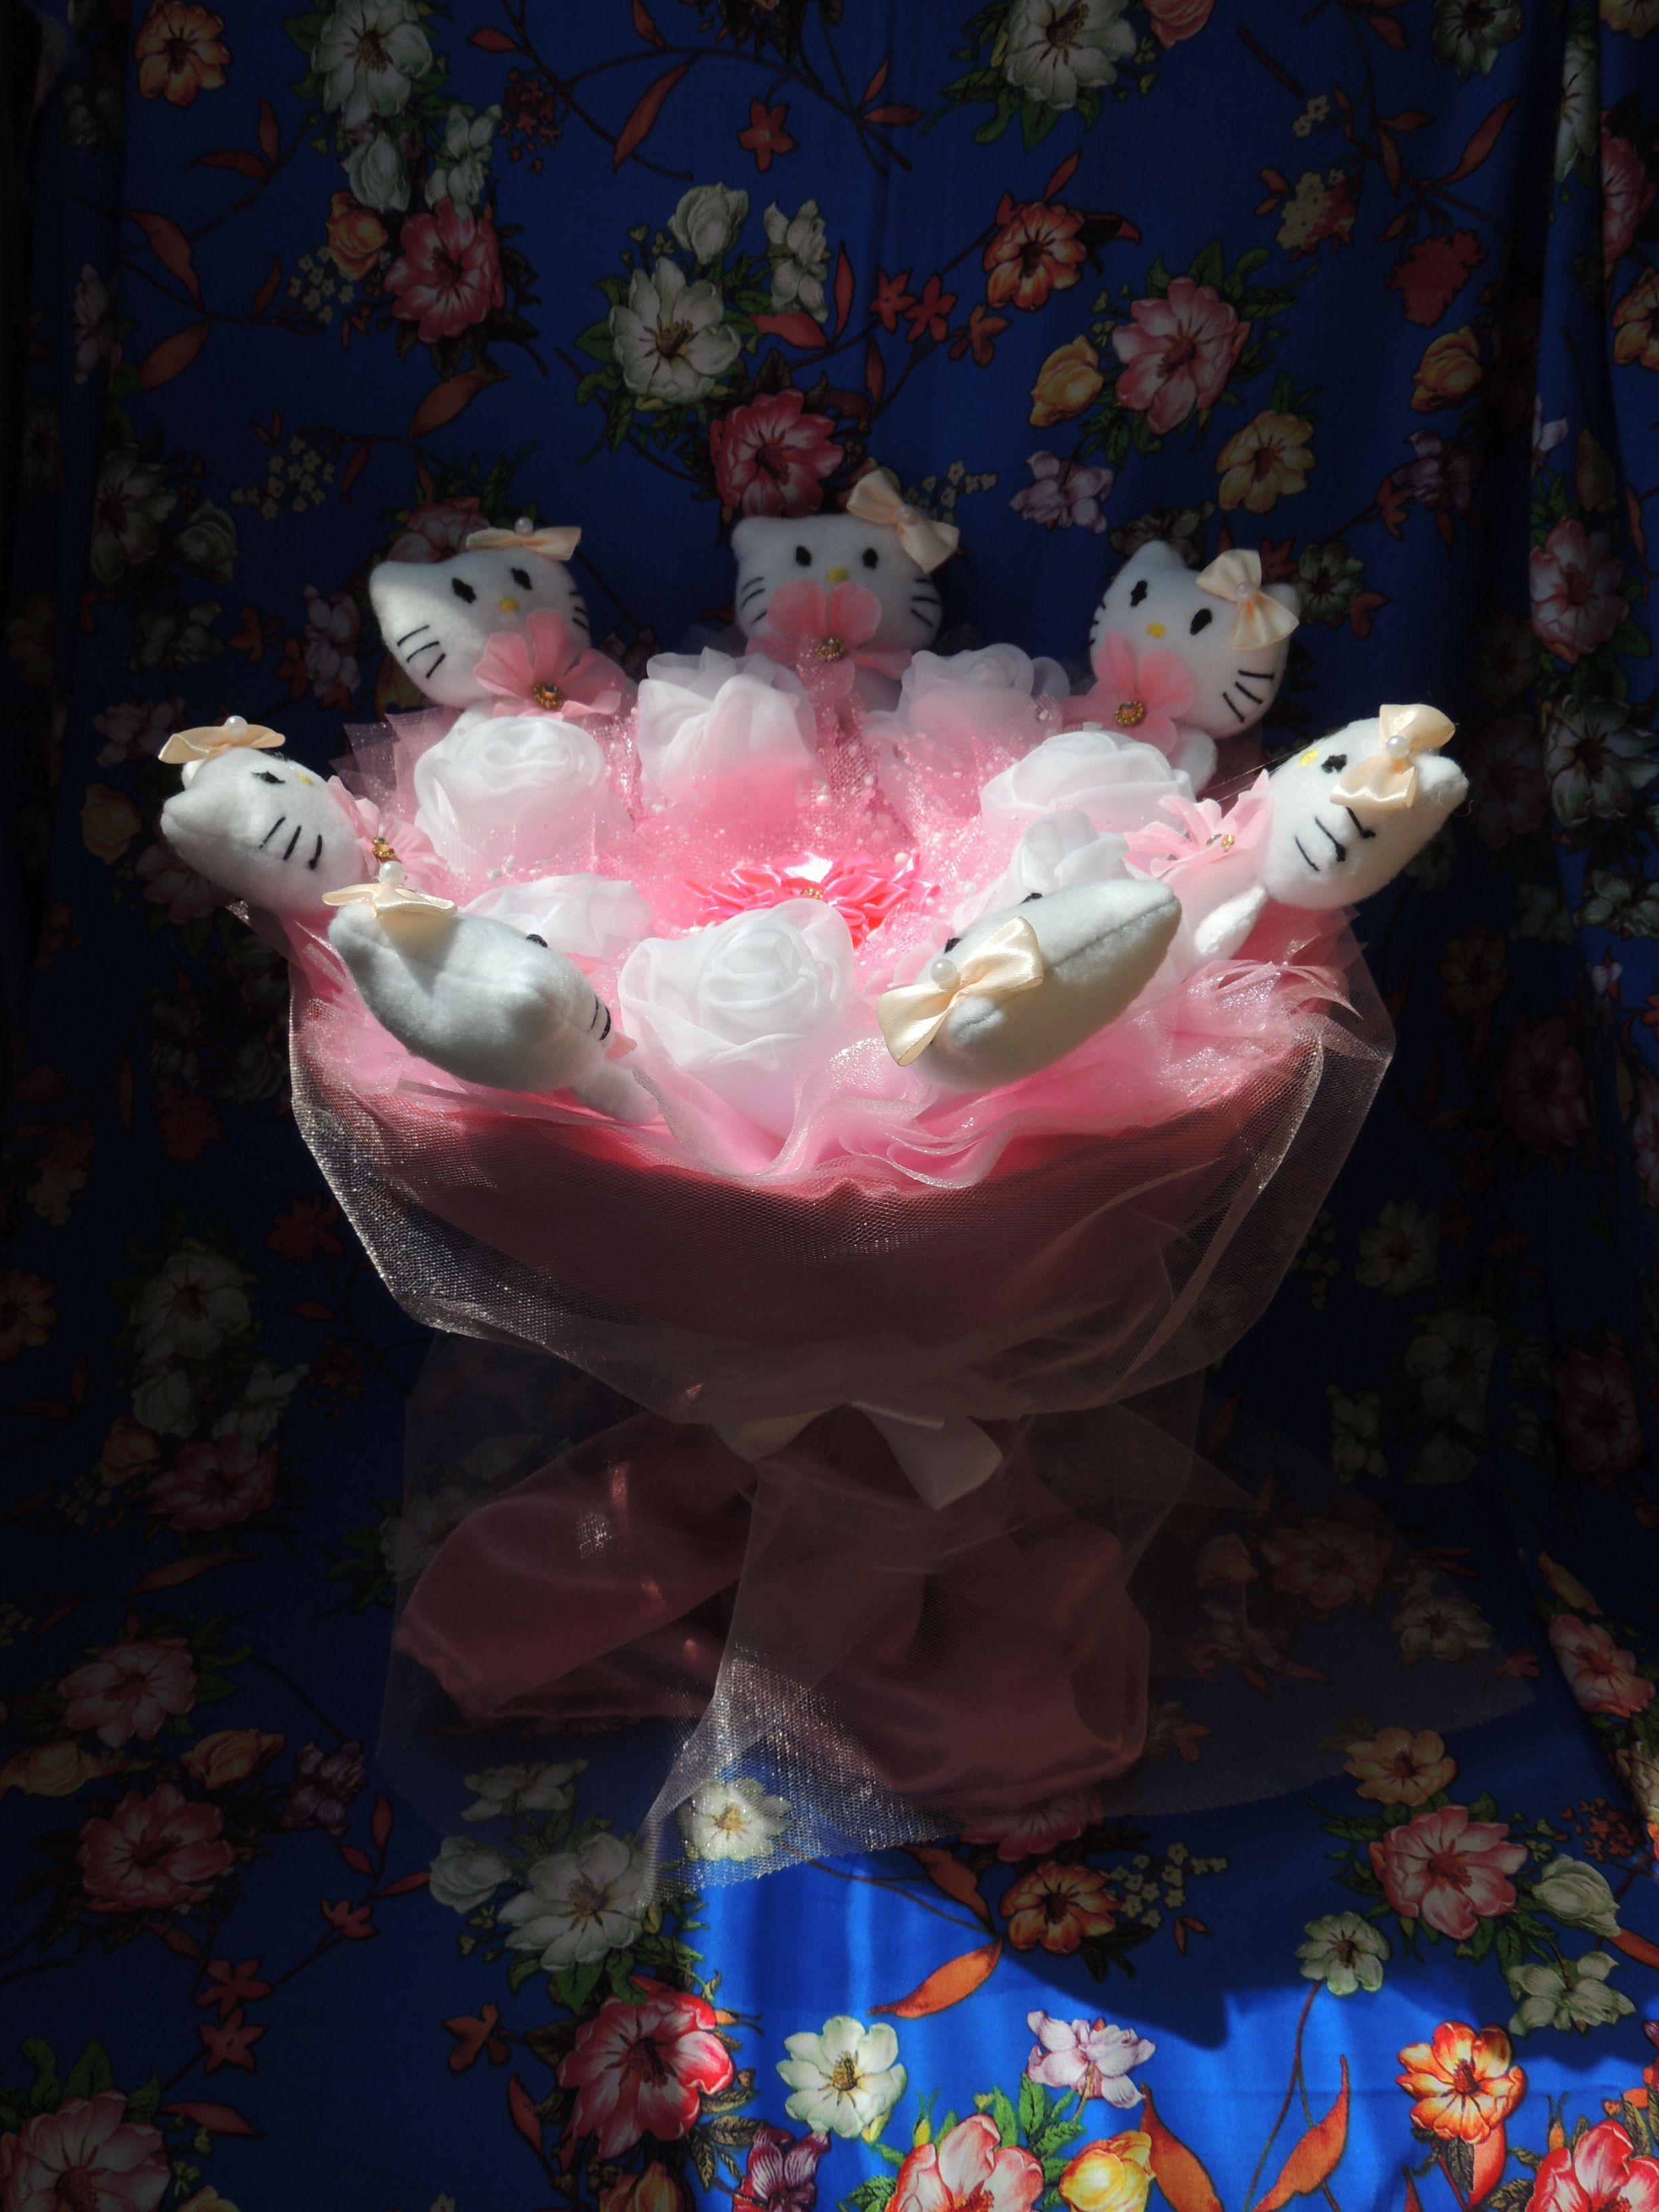 необычный подарок игрушек букет китти оригинальный